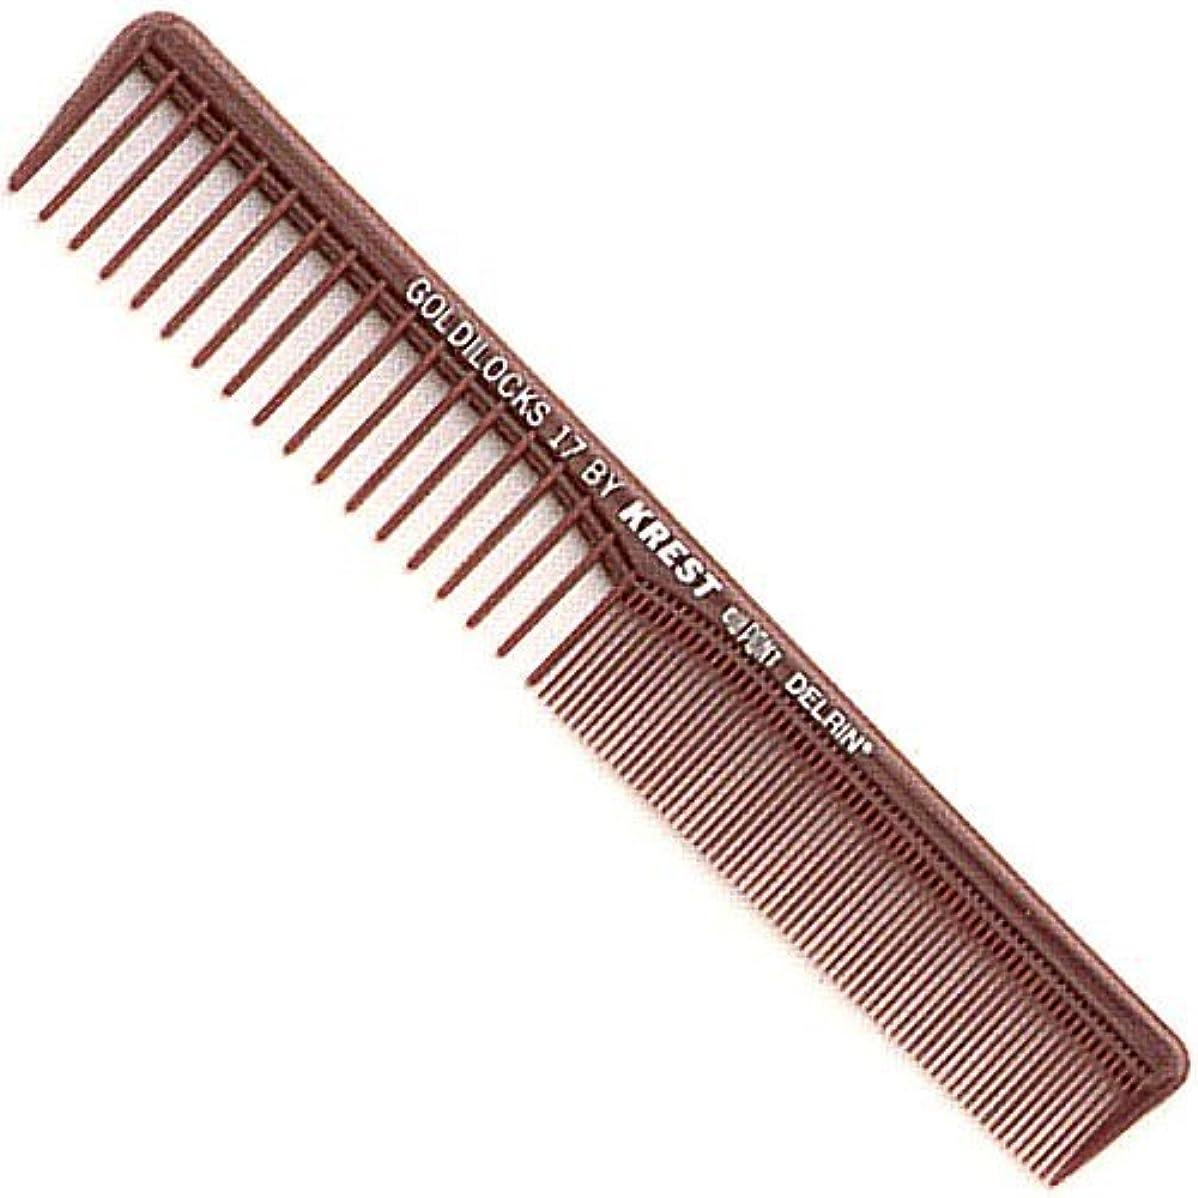 修士号ストライド郊外Krest Combs Goldilocks Space Tooth Fine Tooth Styler Comb 7